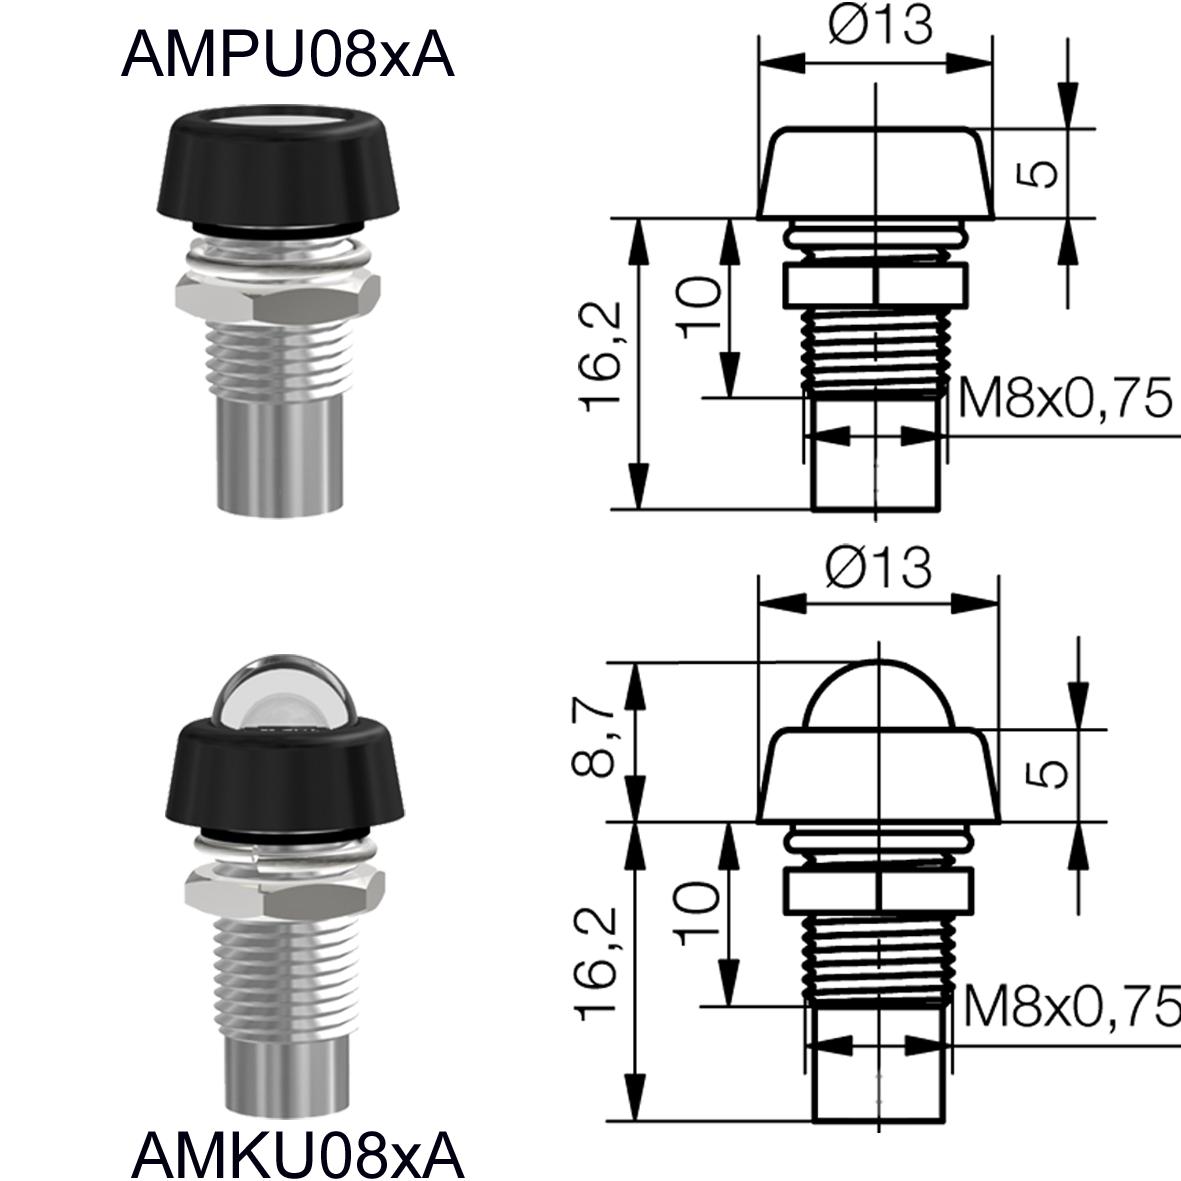 LED-Leuchtelement Ø8mm IP67 mit Linse / Glasscheibe / Glaskuppe